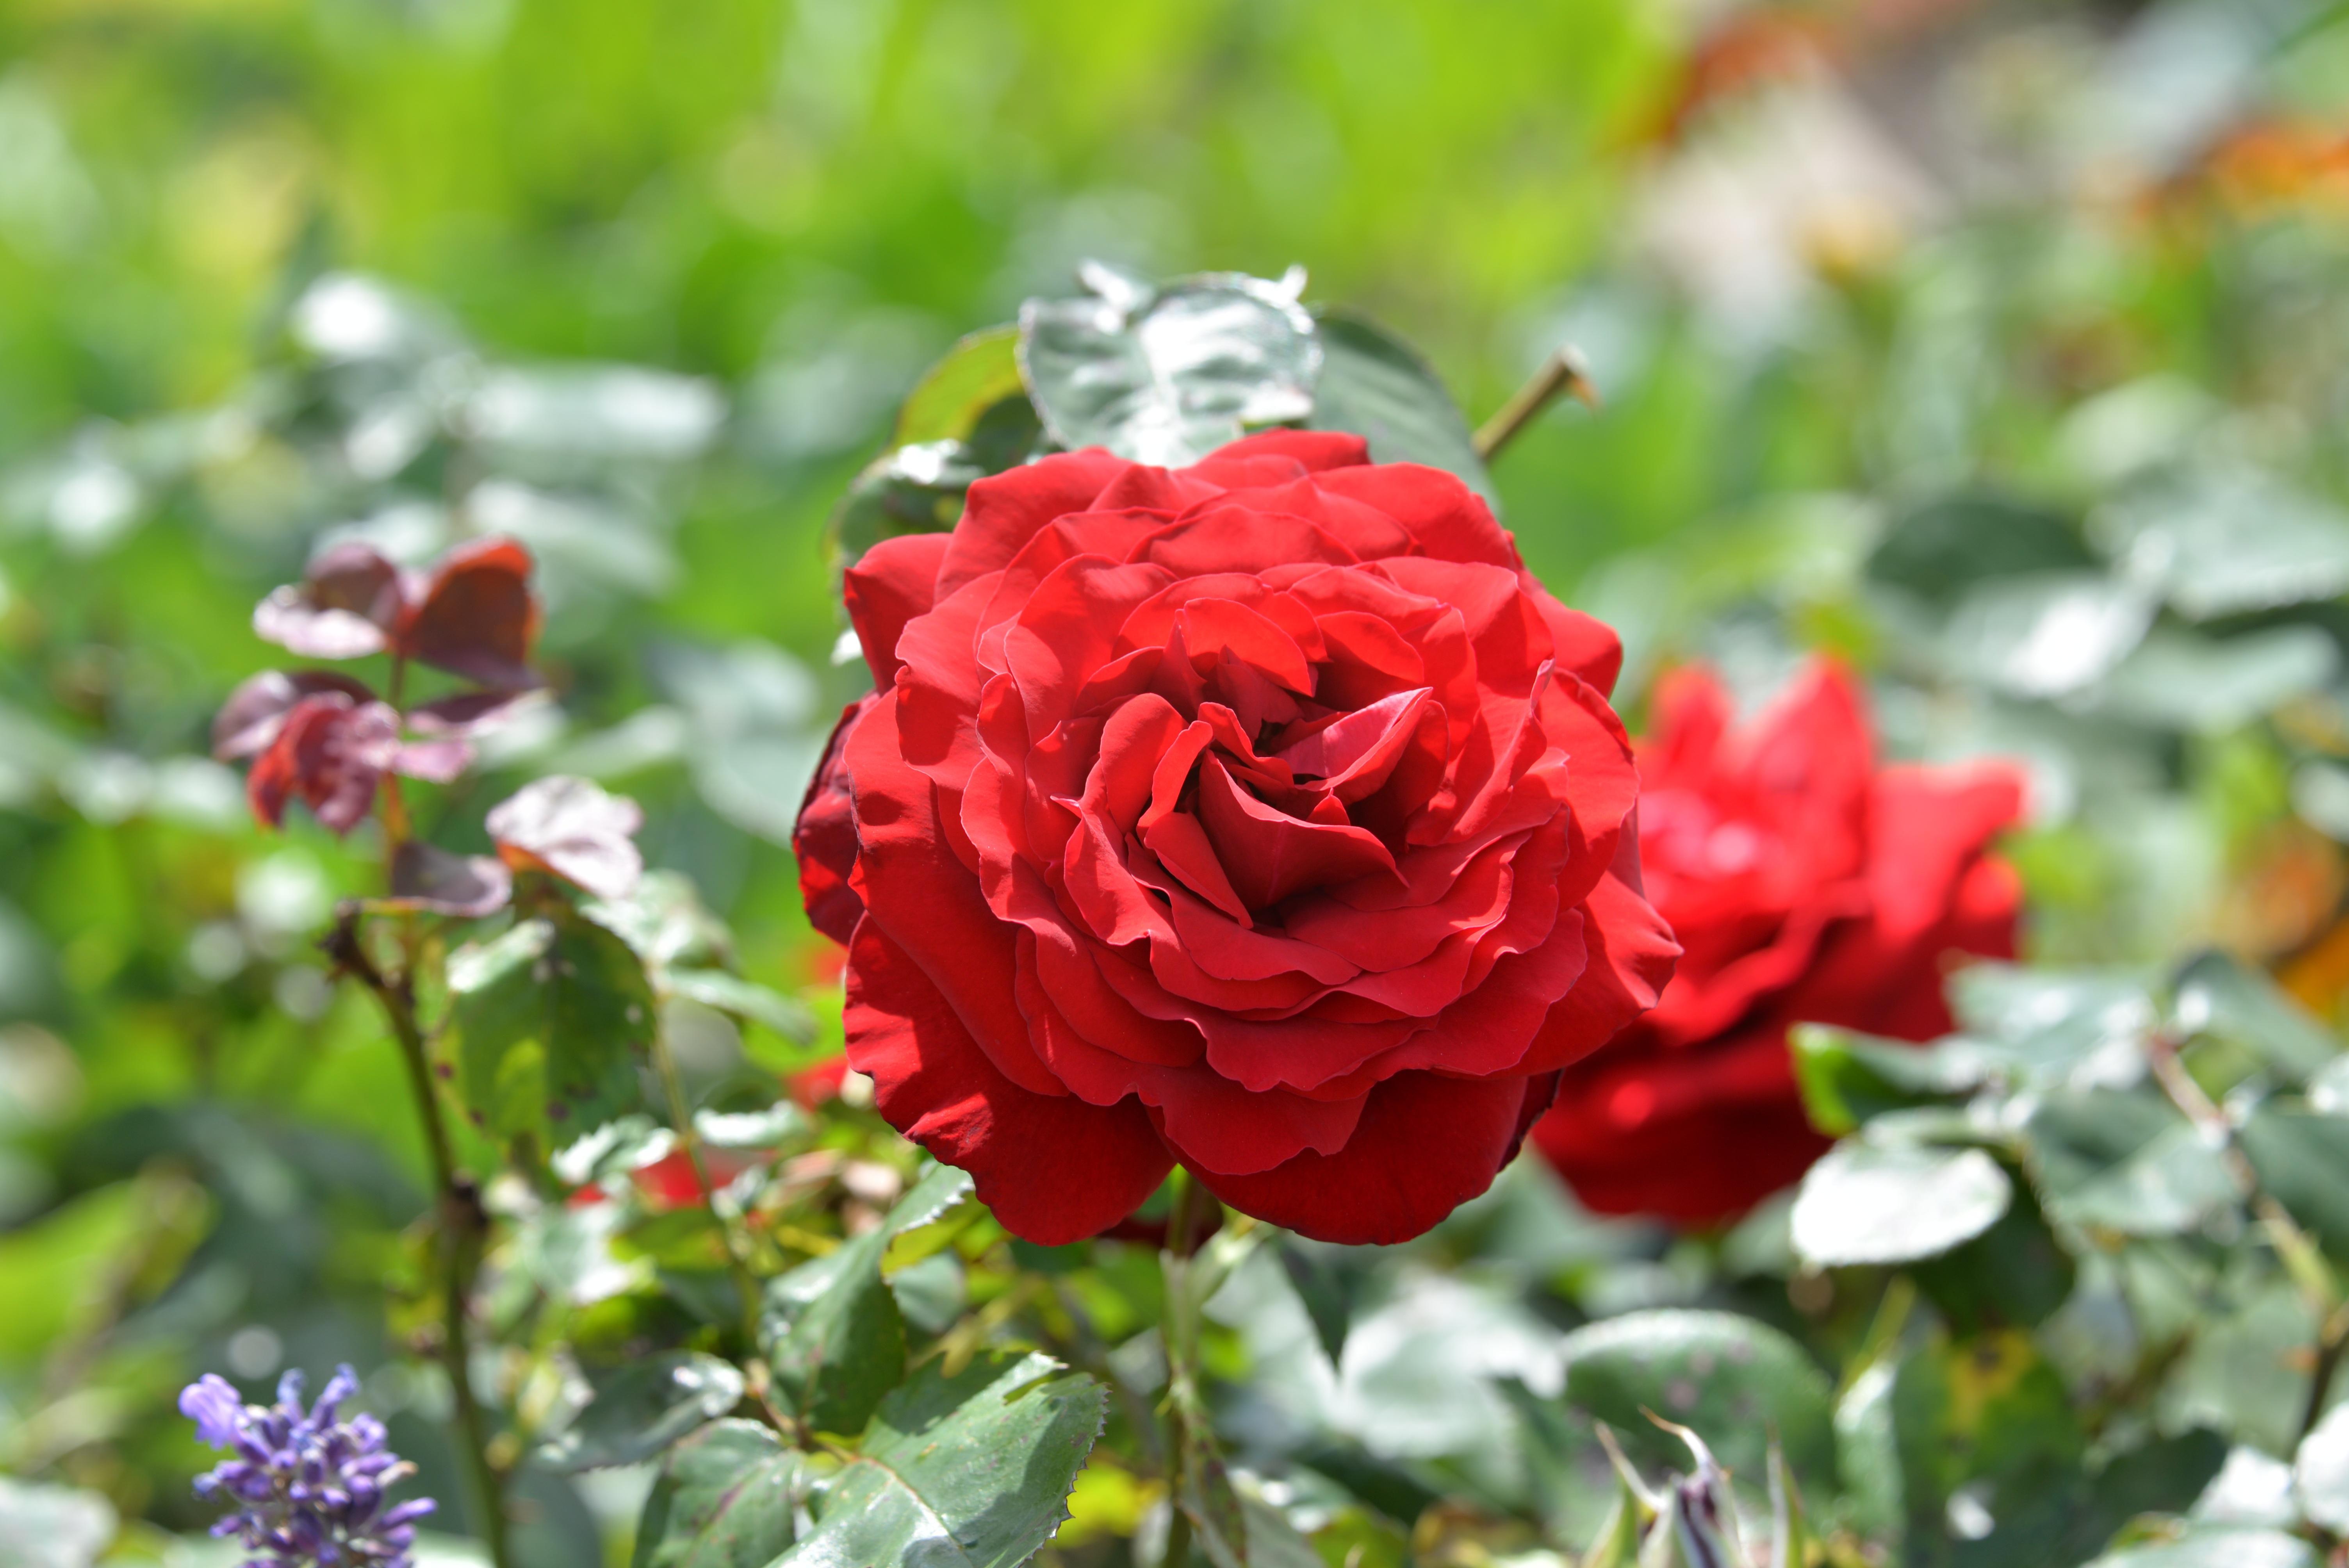 розы сады красные картинки театральной постановке играли